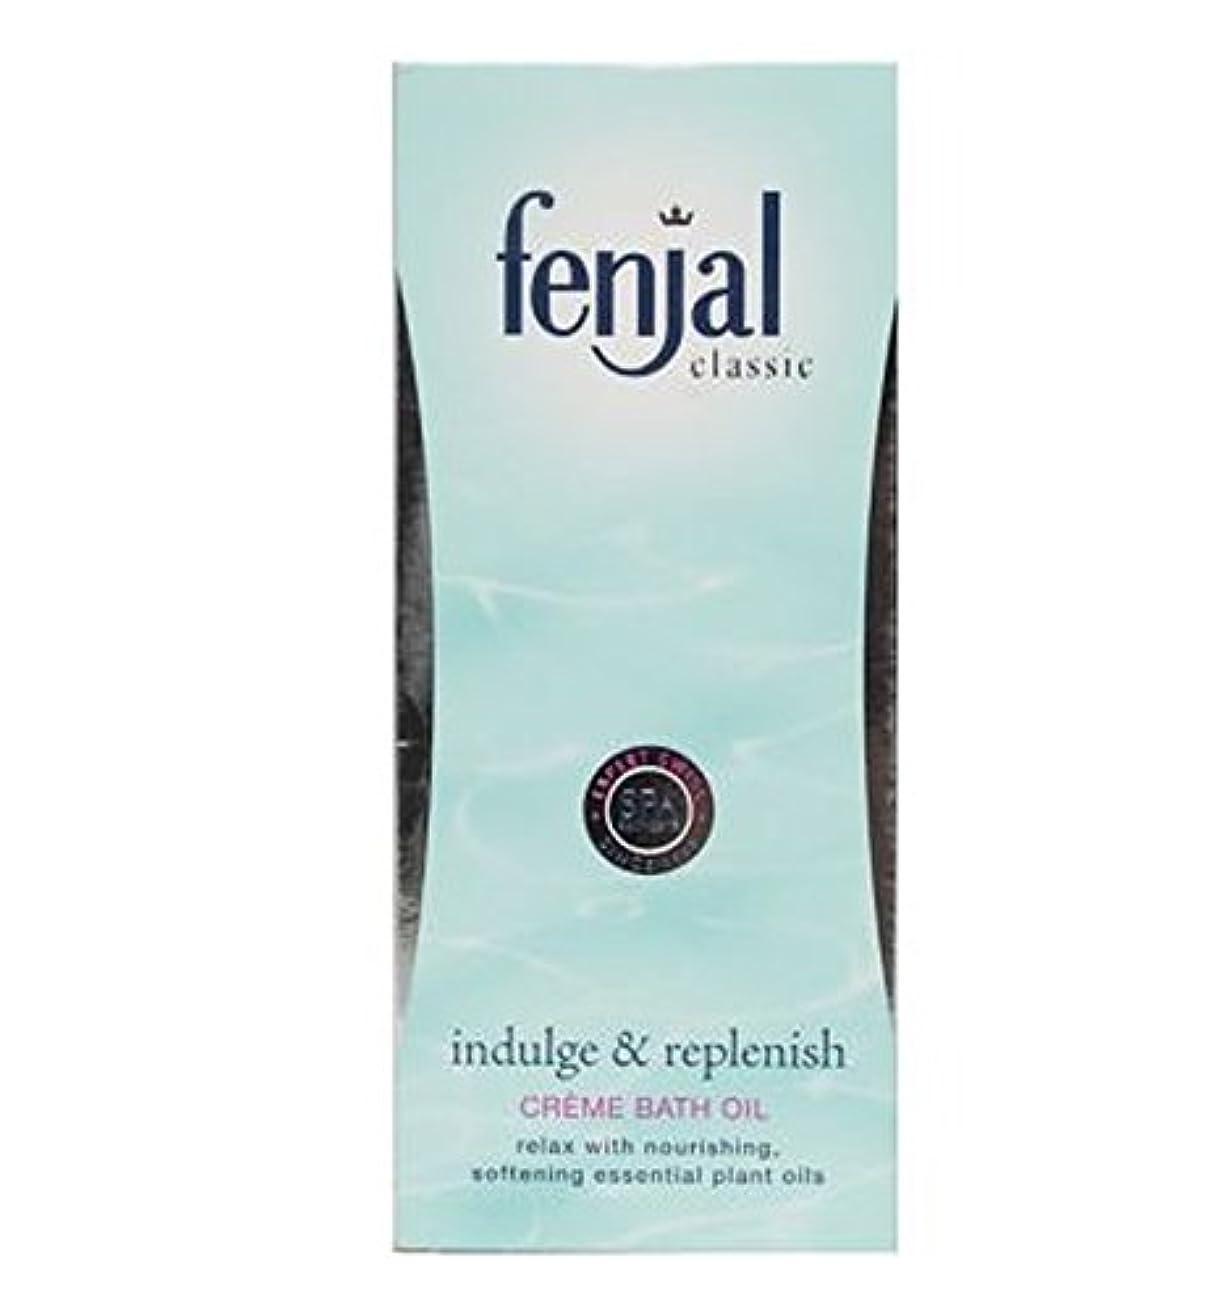 場合大きなスケールで見ると眠いですFenjal Classic Luxury Creme Bath Oil 125 ml - Fenjal古典的な高級クリームバスオイル125ミリリットル (Fenjal) [並行輸入品]